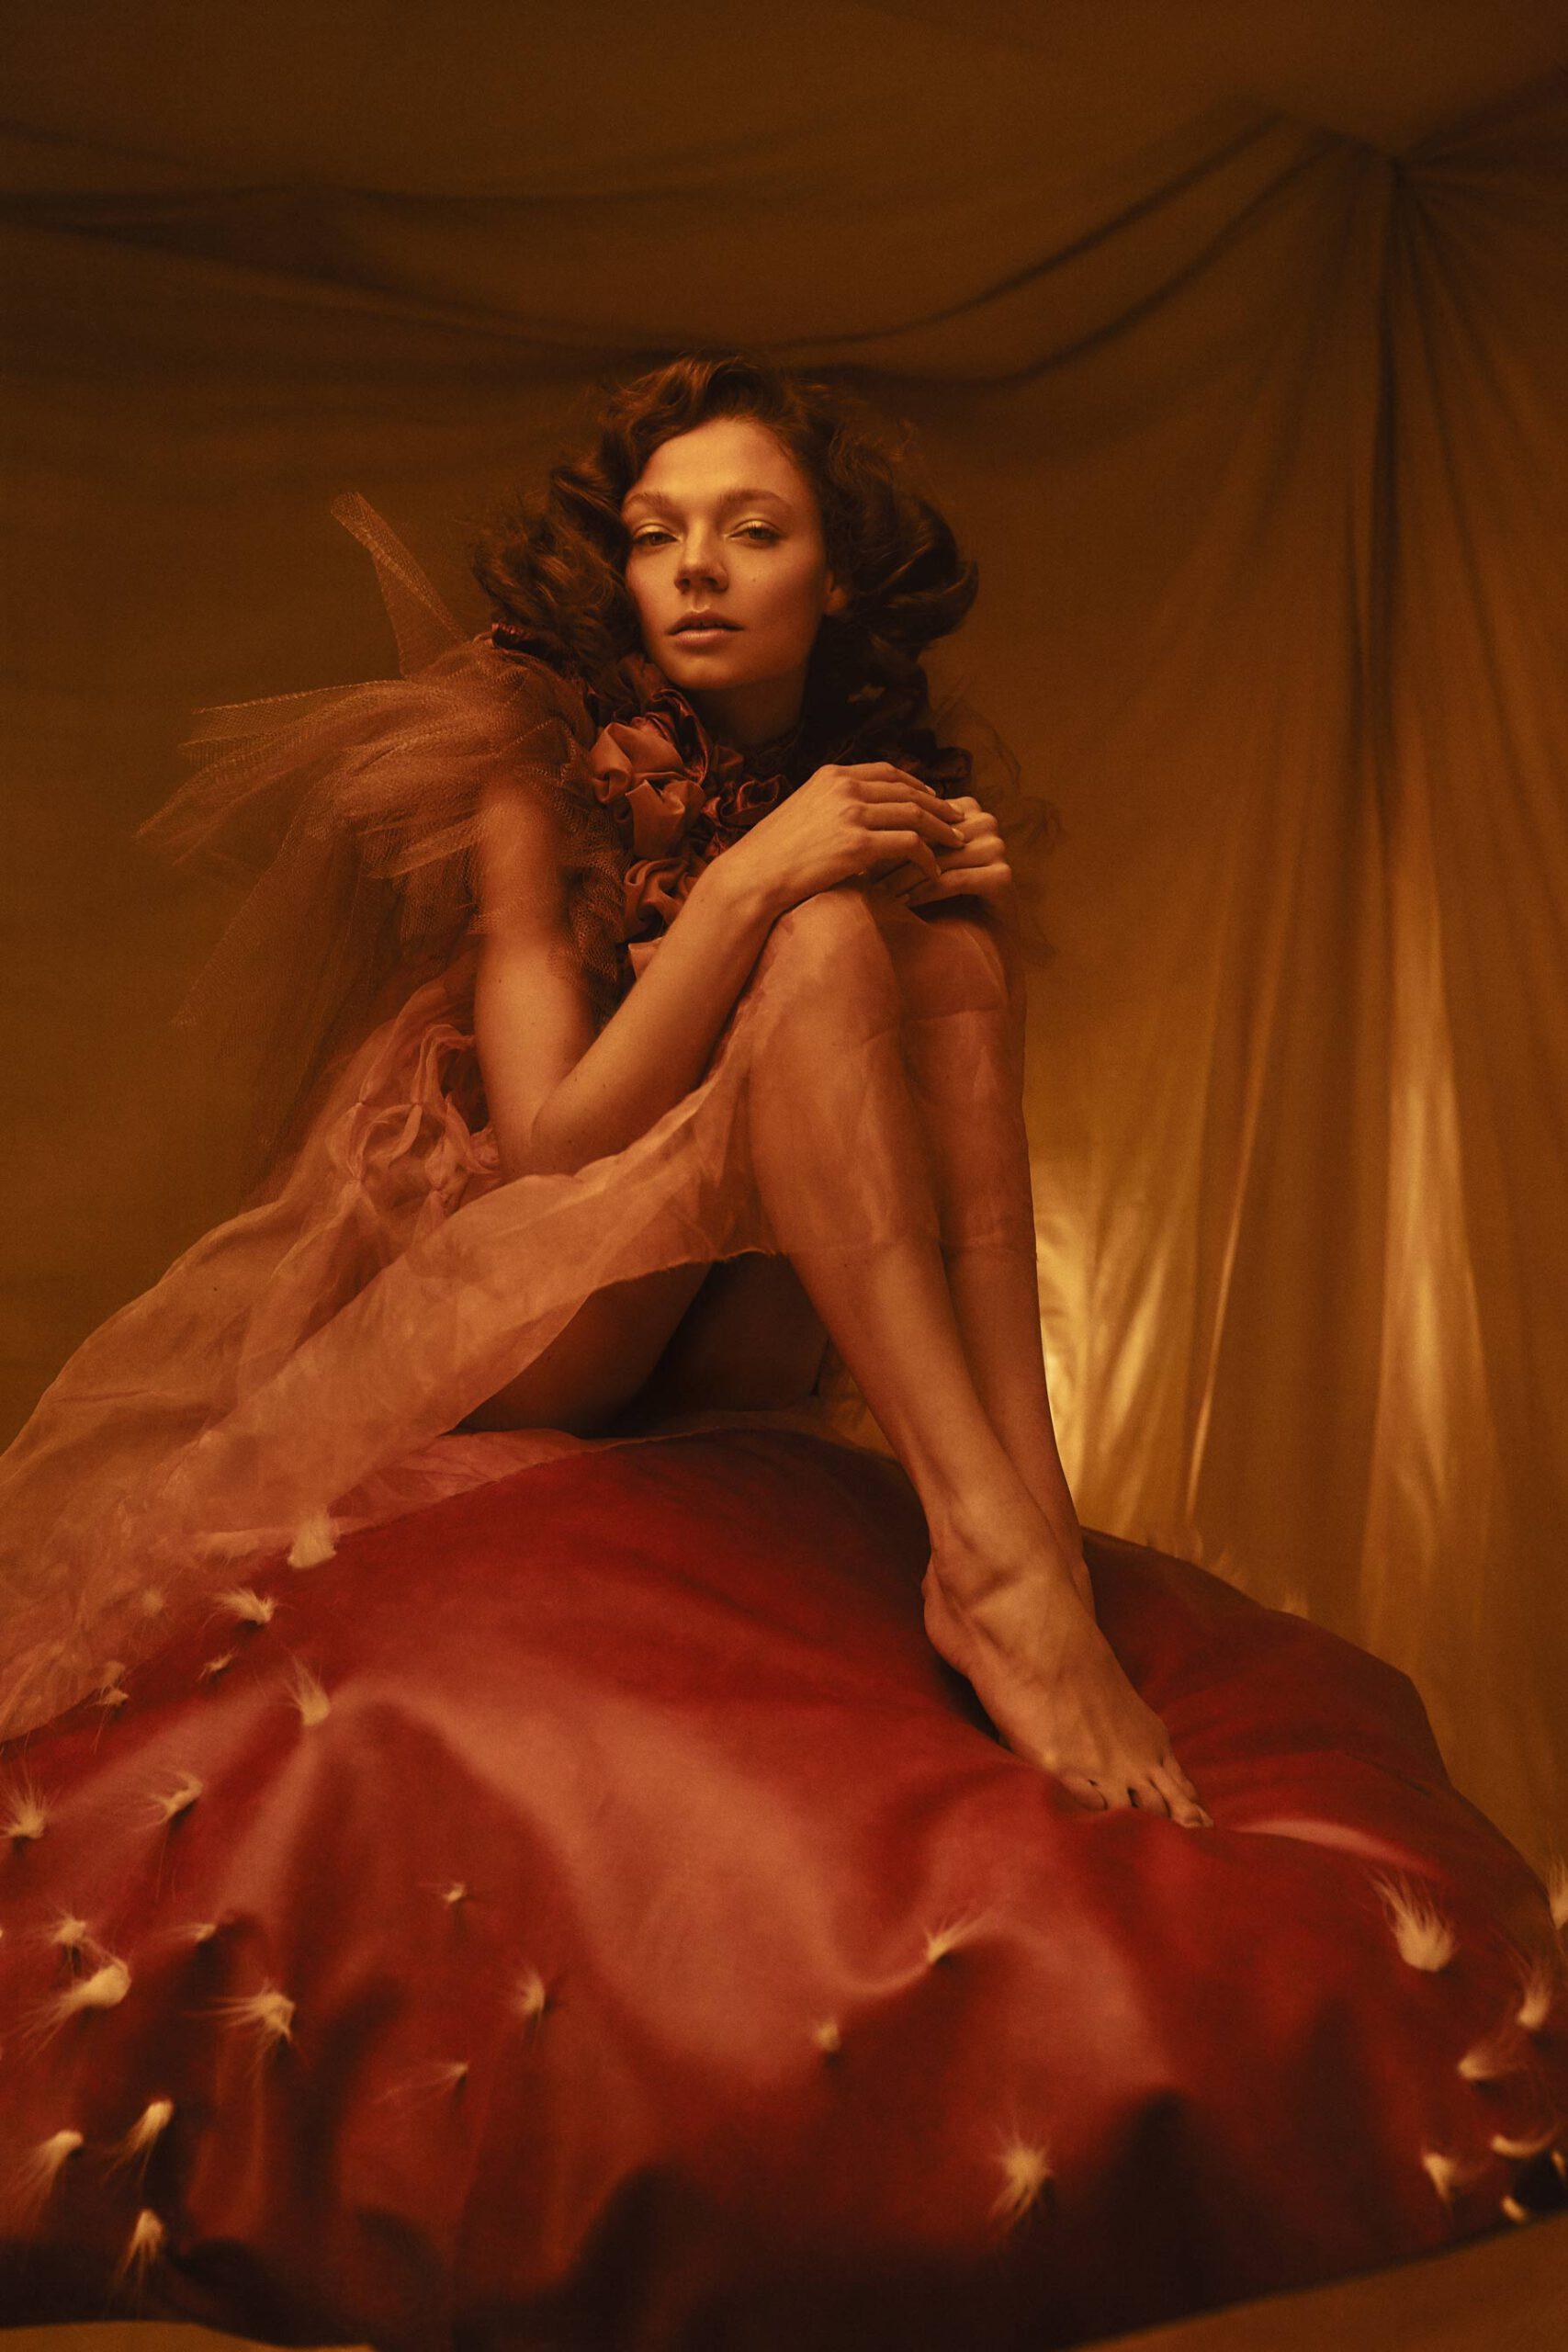 Photographe professionnel artistique et créatif. Portrait d'une femme assise sur un champignon géant